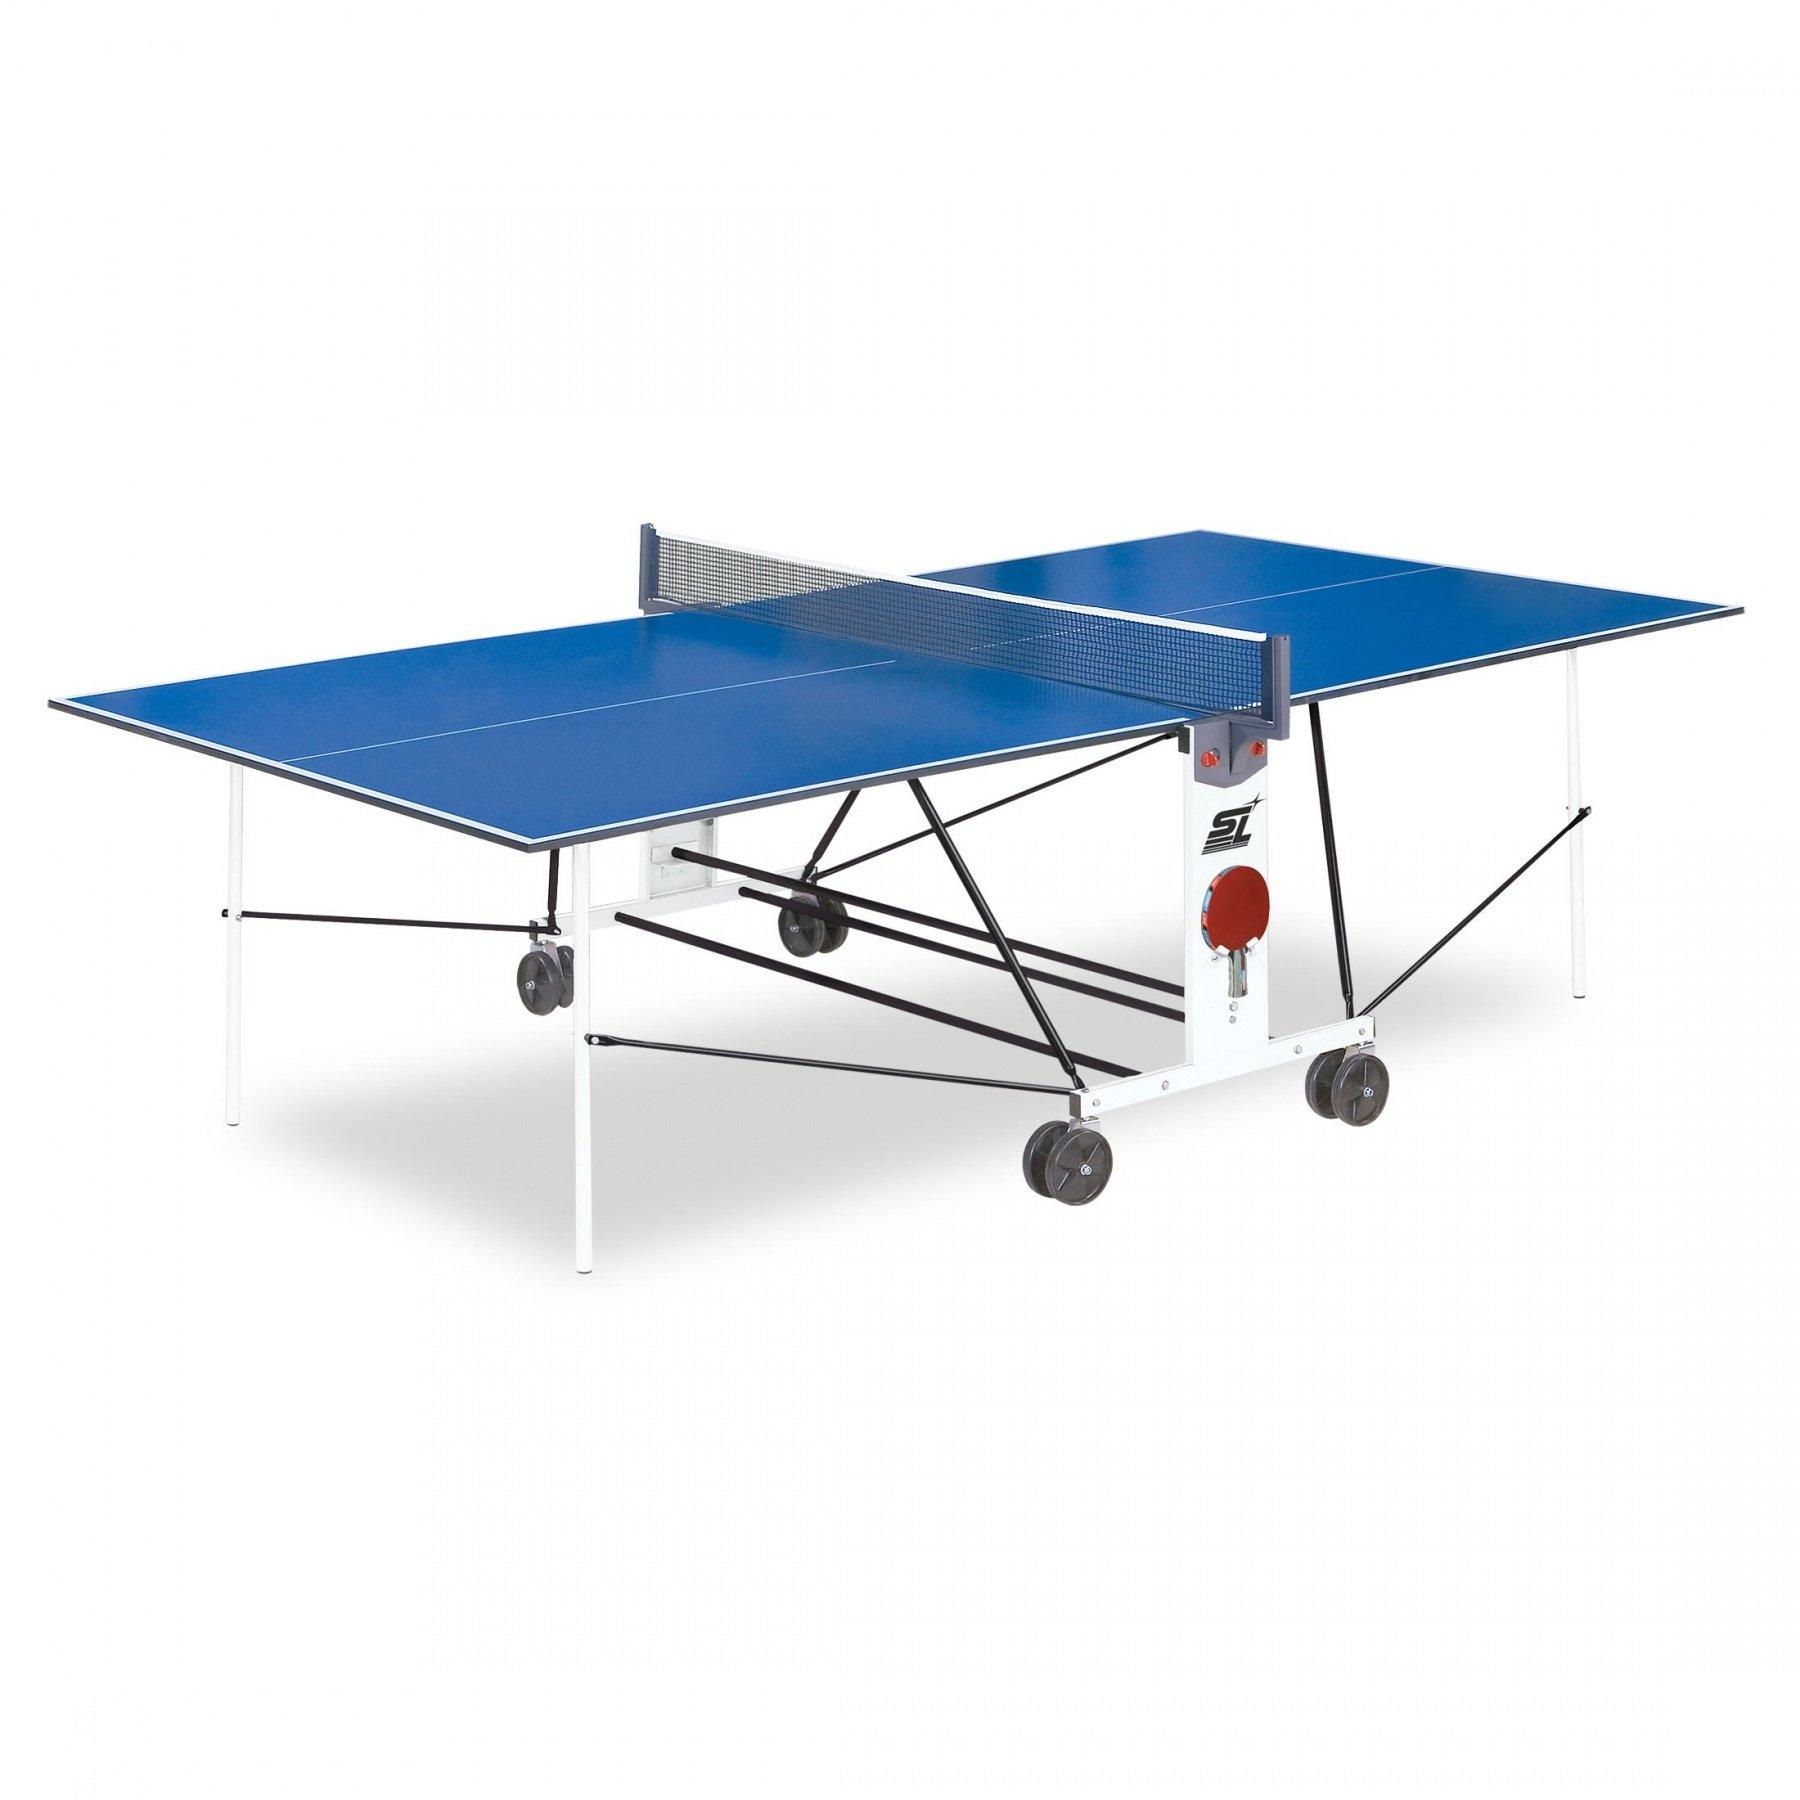 """Стол для настольного тенниса """"COMPACT LIGHT LX"""" с сеткой"""